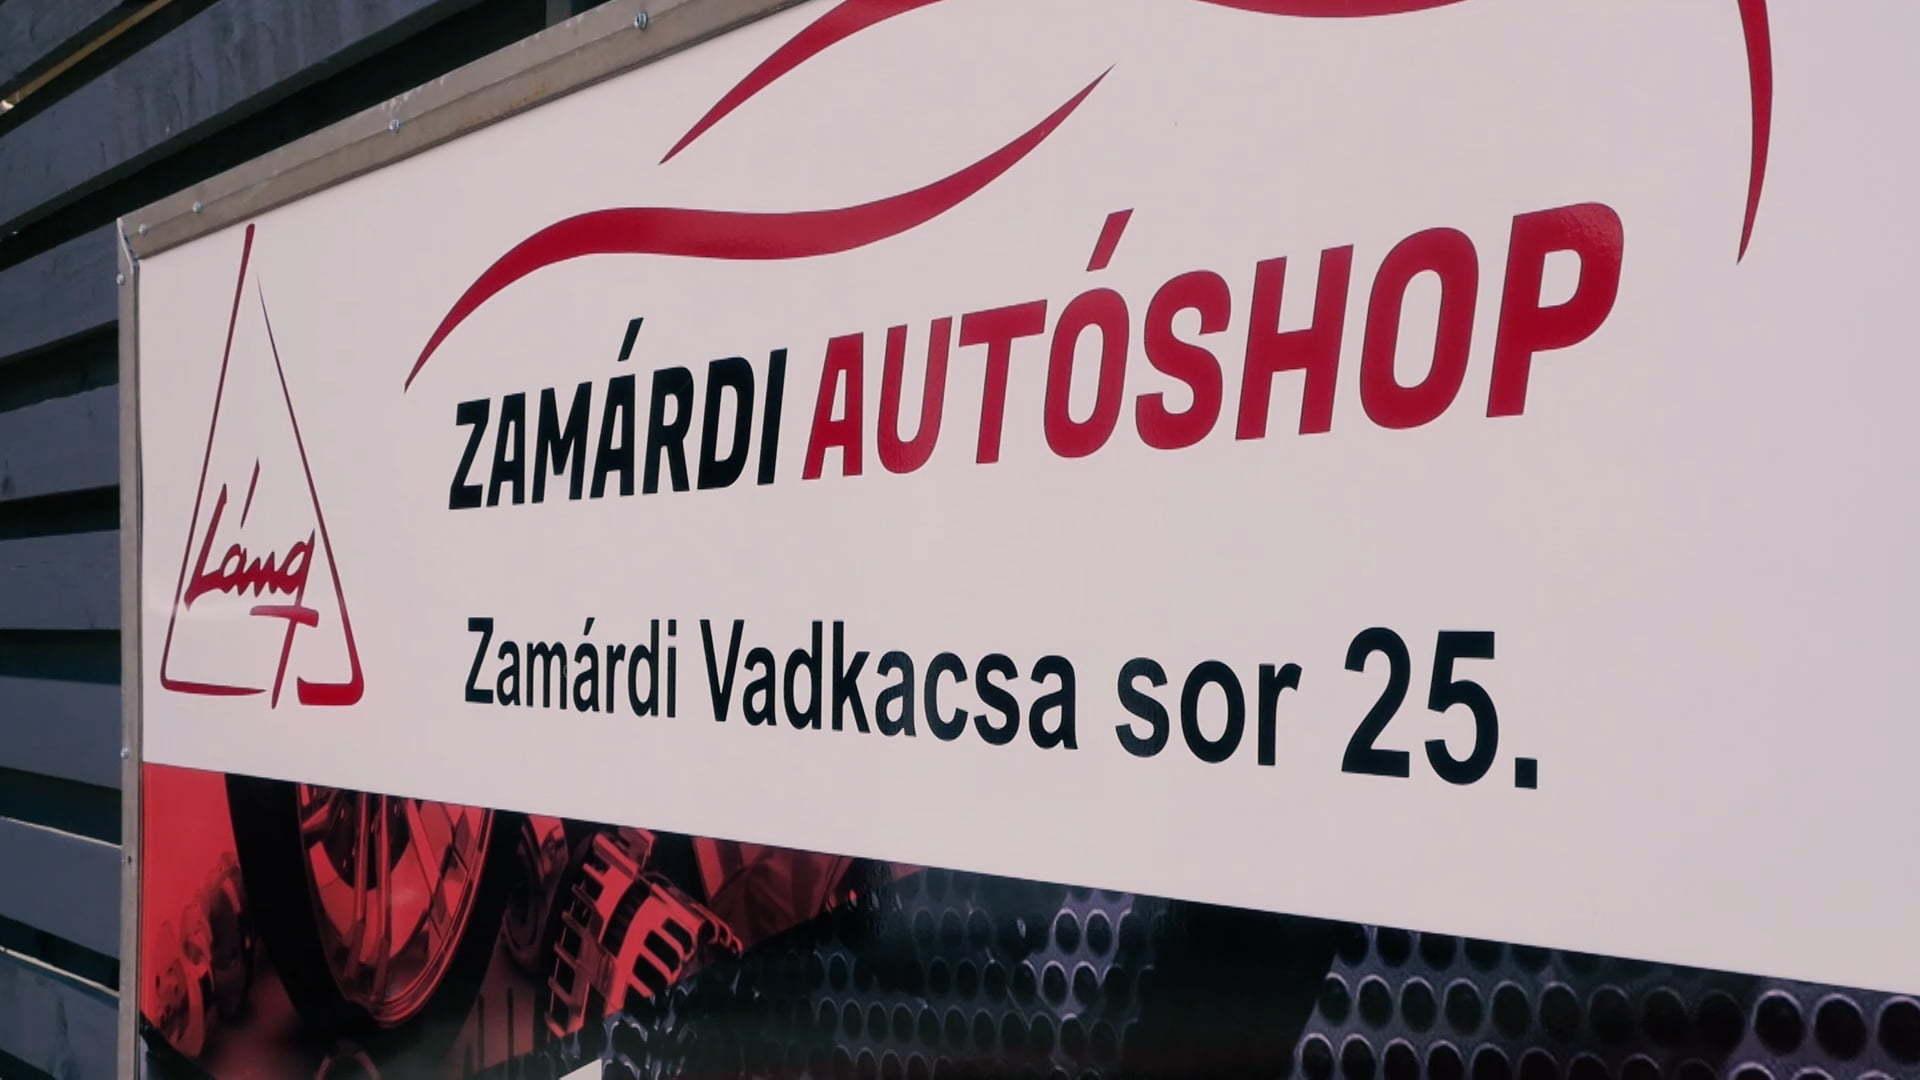 Zamárdi Autóshop - Reklámfilm referencia